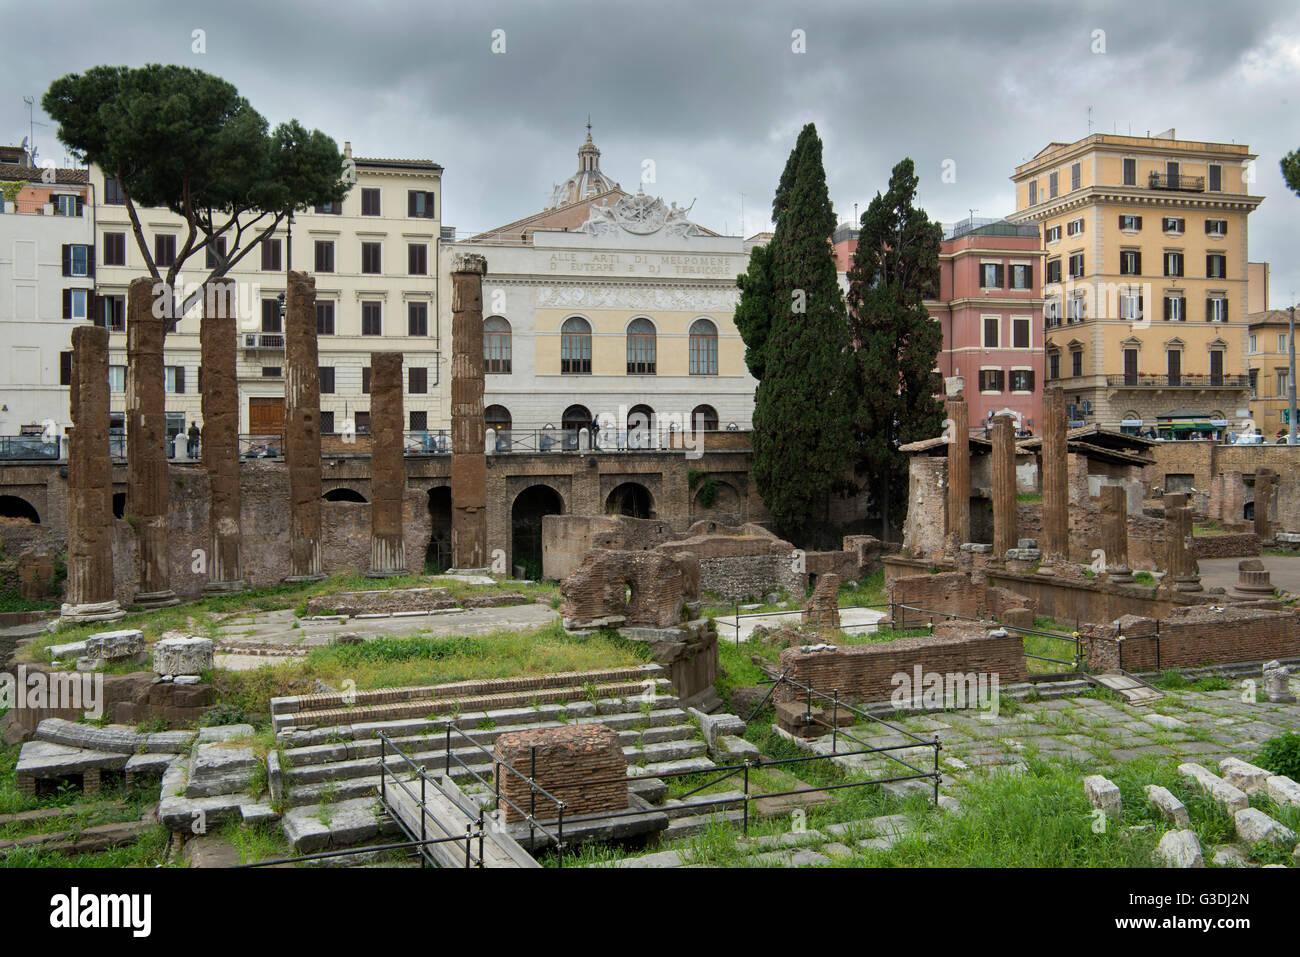 Italien, Rom, Largo di Torre Argentina, Tempelruinen des Tempel B - Stock Image